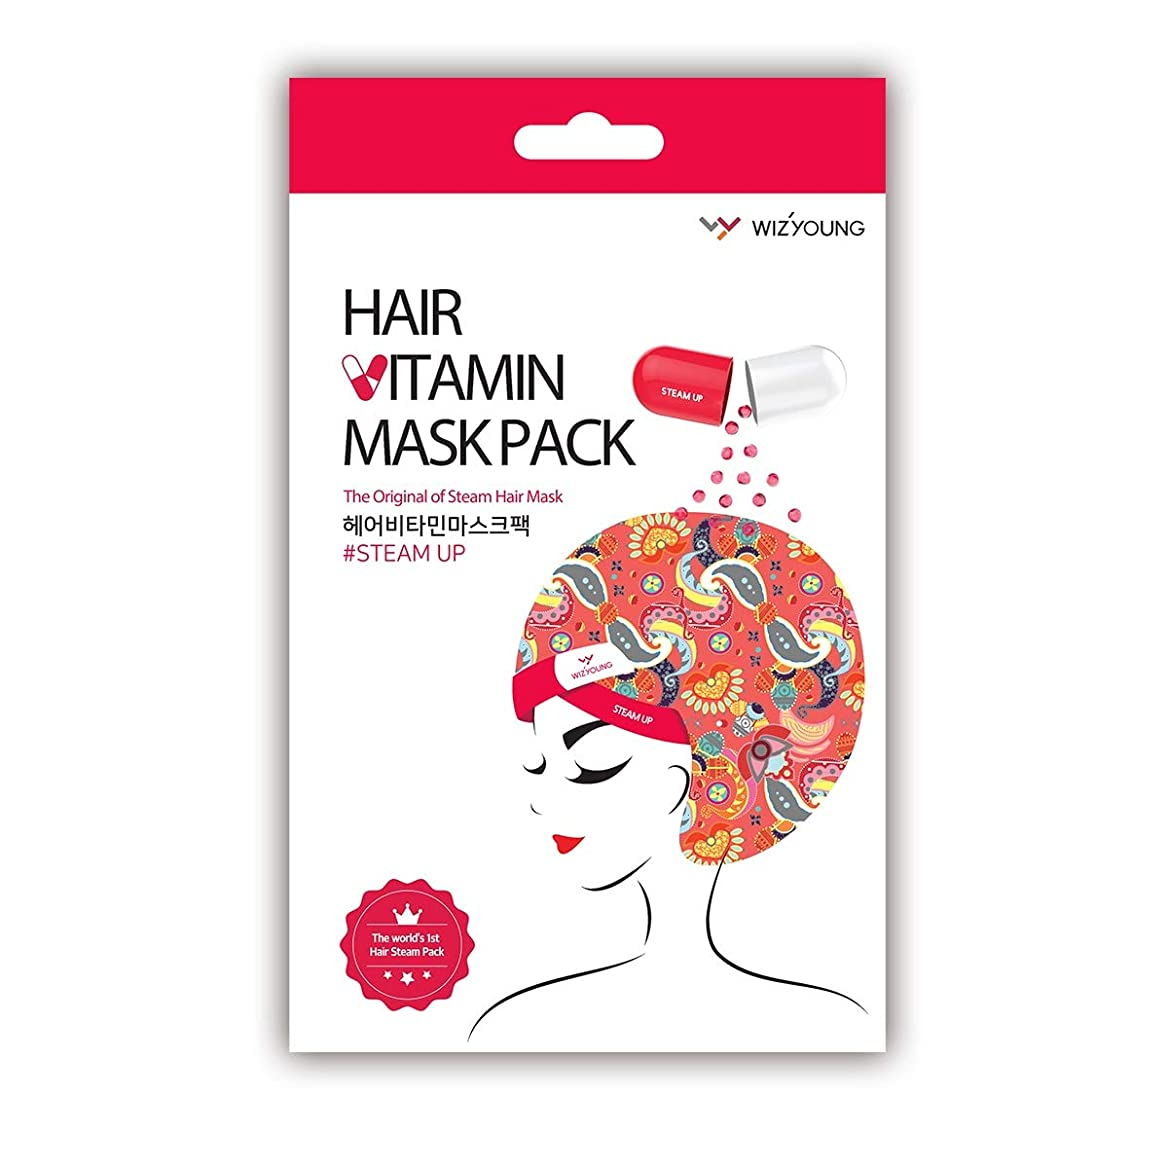 はねかける必要プロテスタントヘアビタミンマスクパック スチームアップ HAIR VITAMIN MASK PACK STEAM UP